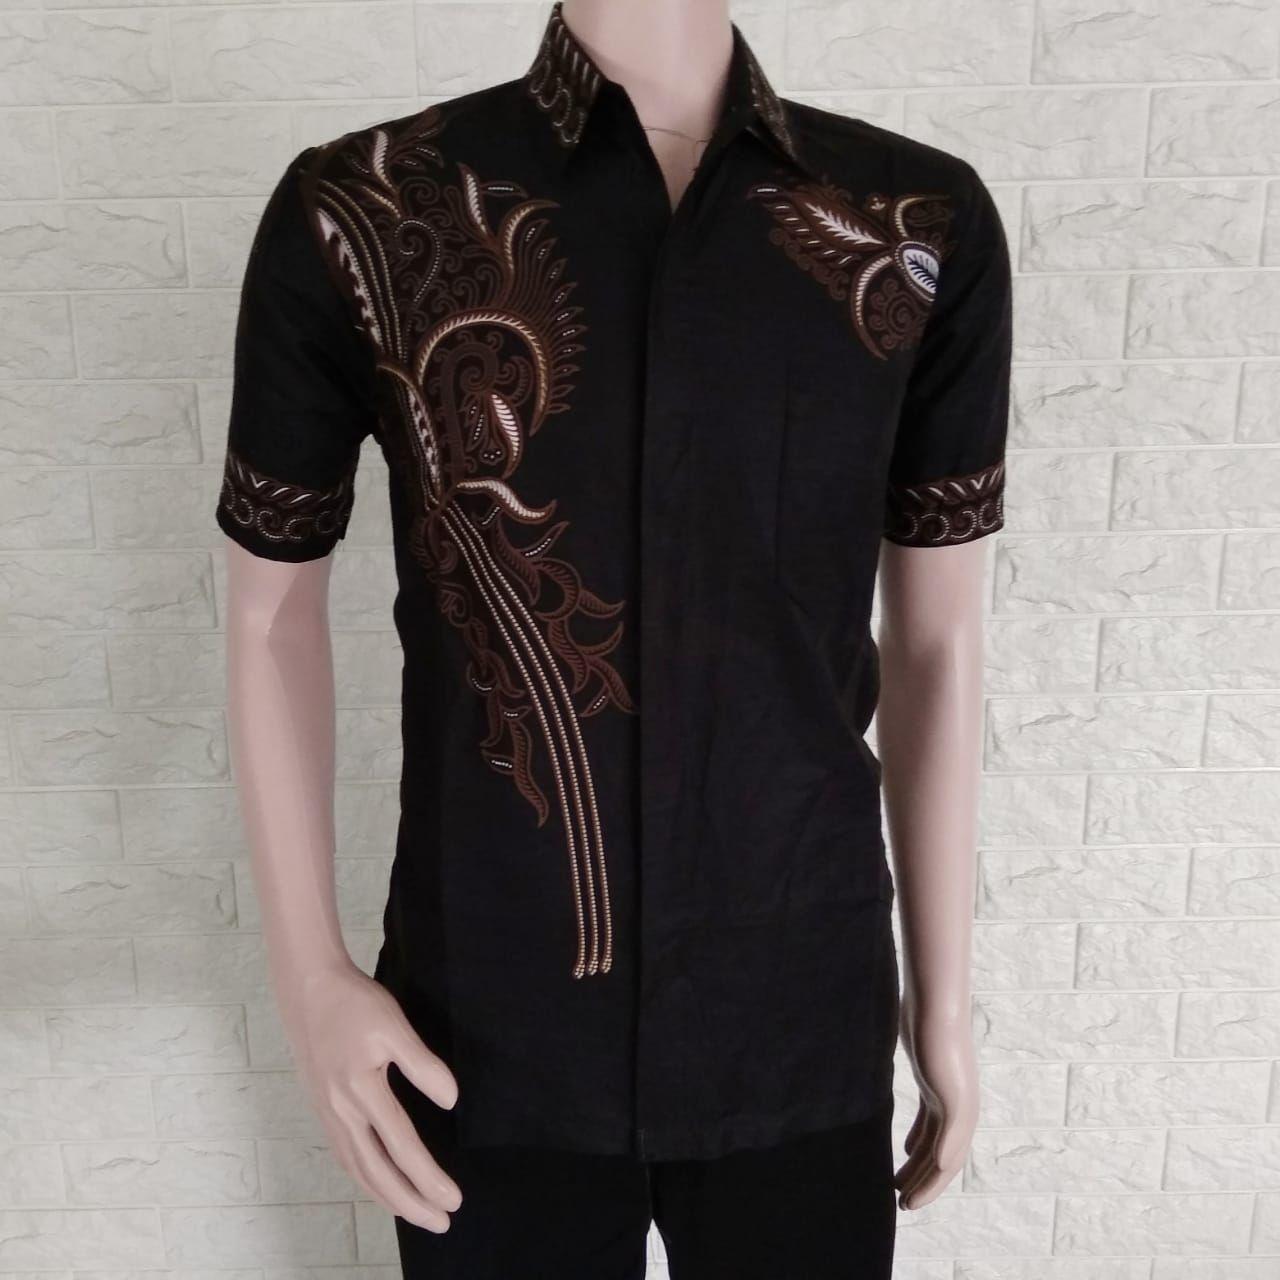 Baju Batik Pria Lengan Pendek Kombinasi / Baju Batik Pria Casual Modern Termurah / Batik Pria